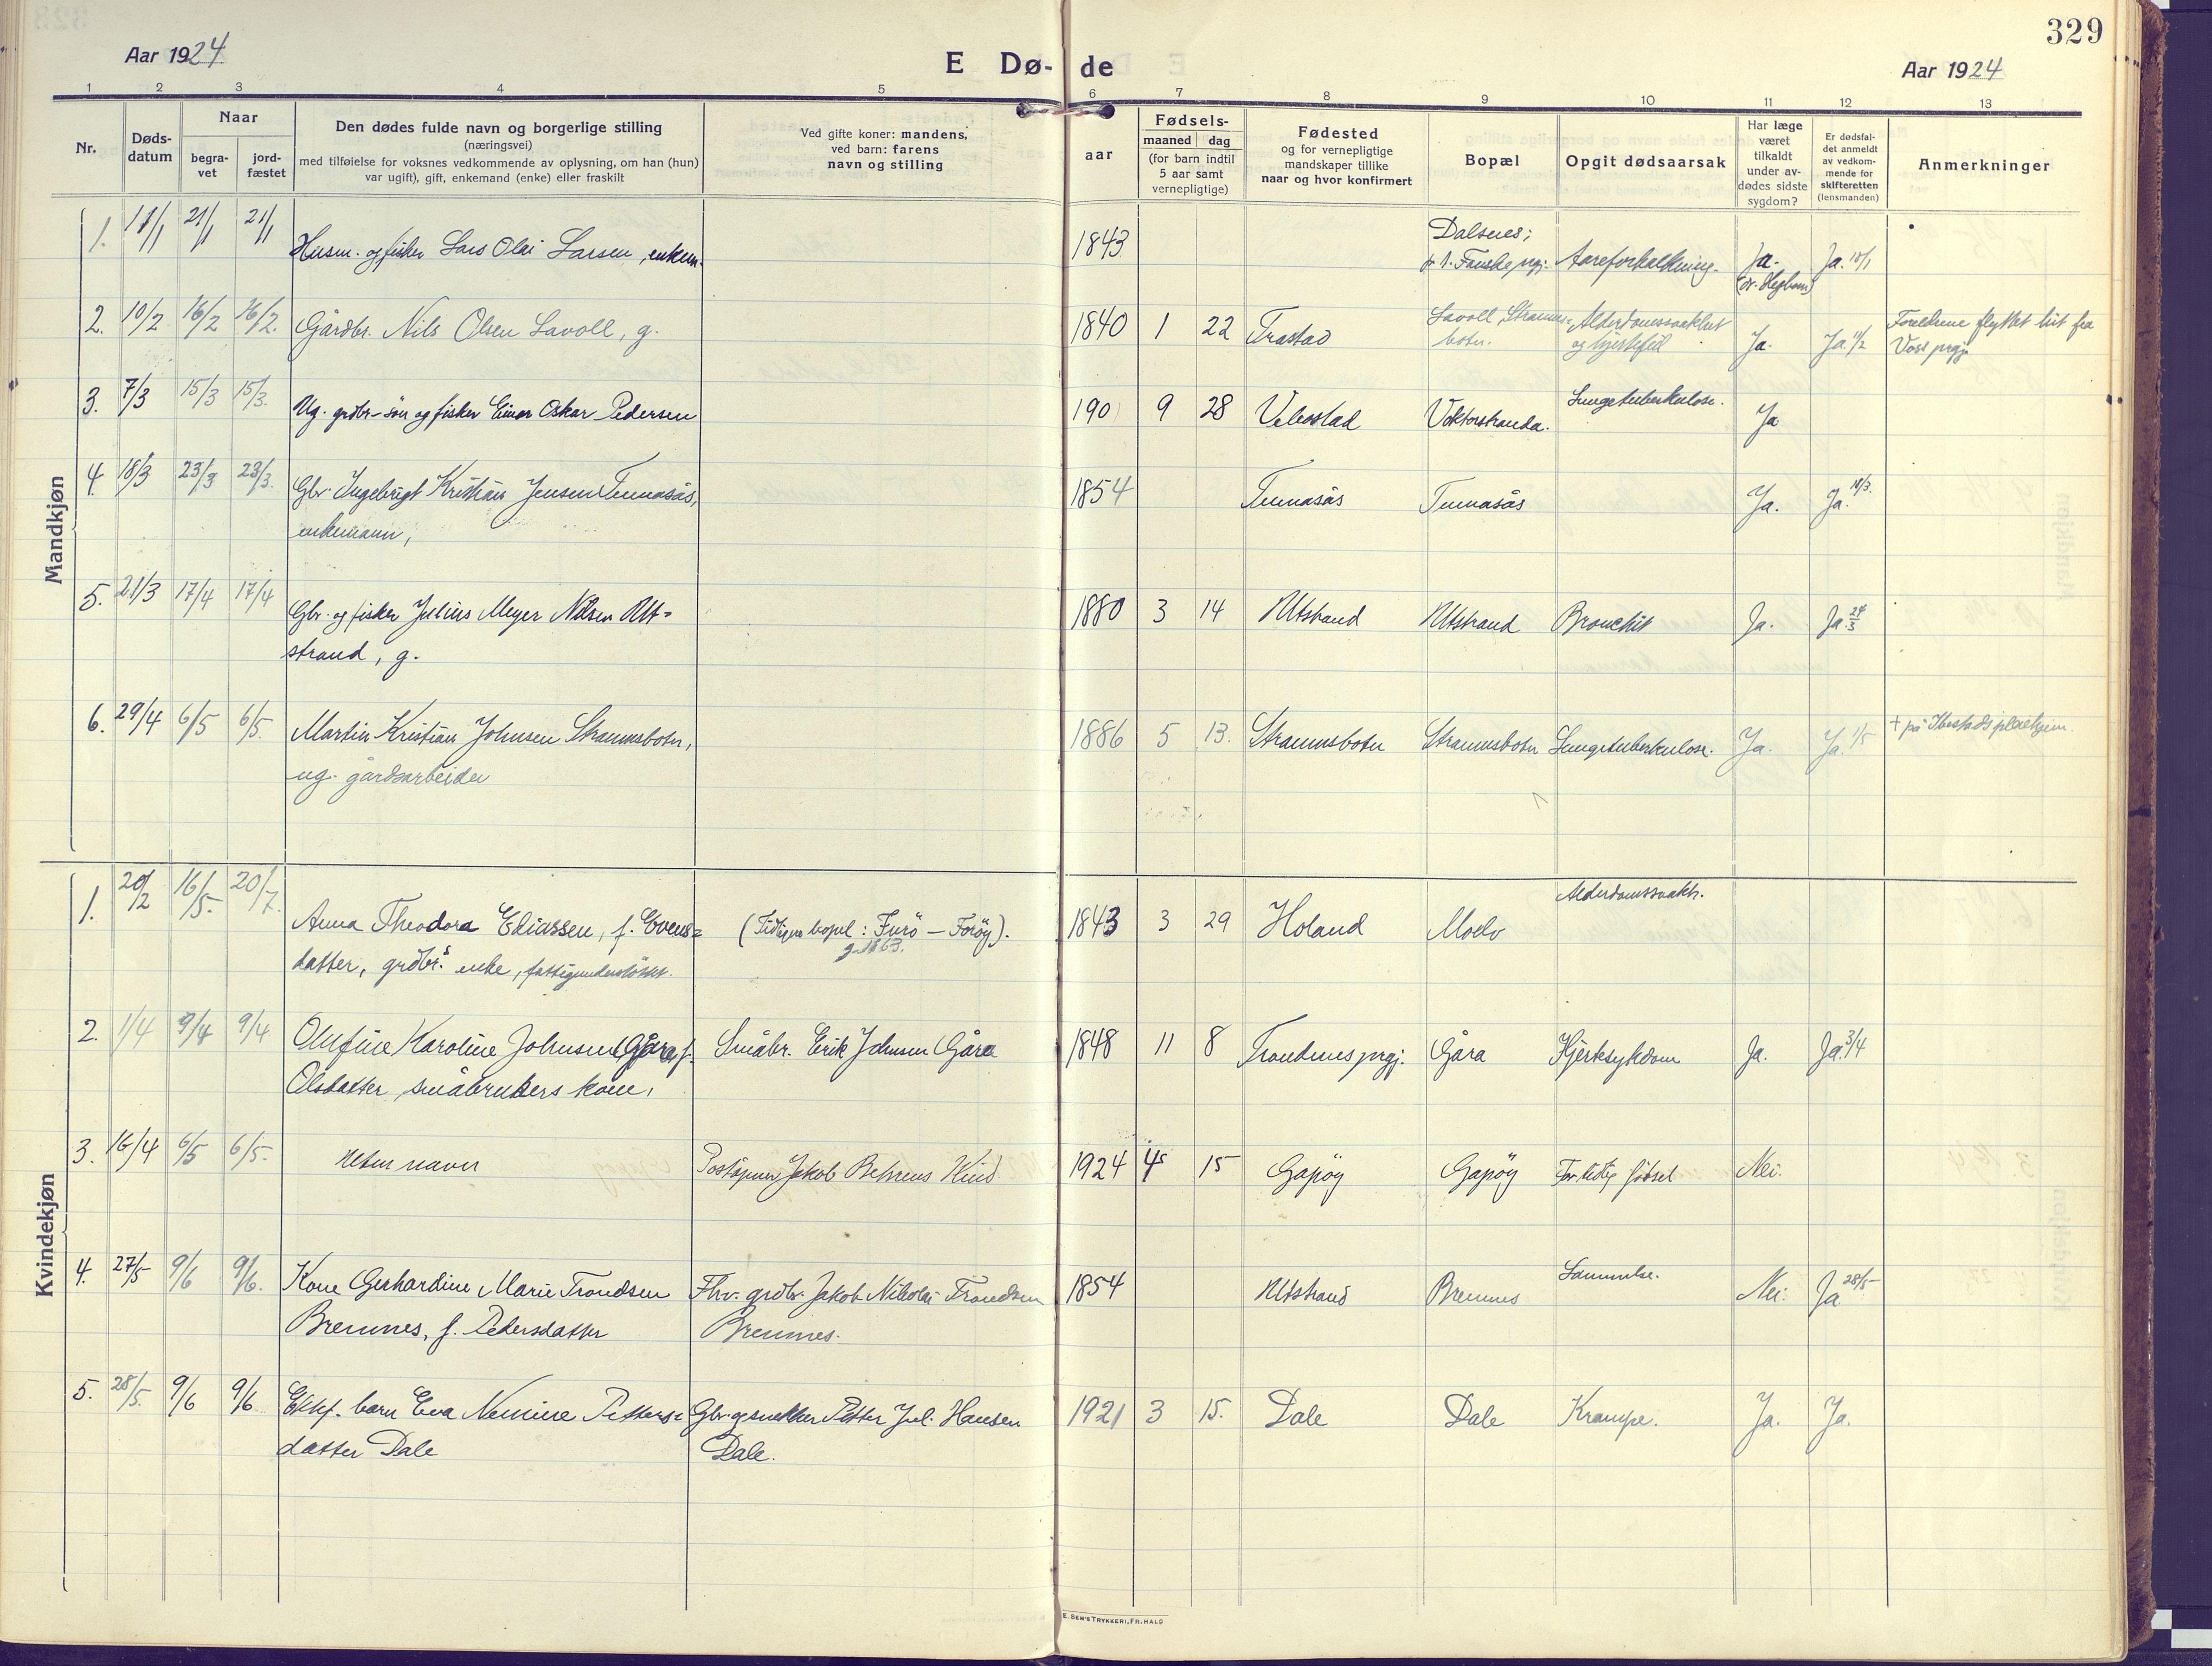 SATØ, Kvæfjord sokneprestkontor, G/Ga/Gaa/L0007kirke: Ministerialbok nr. 7, 1915-1931, s. 329